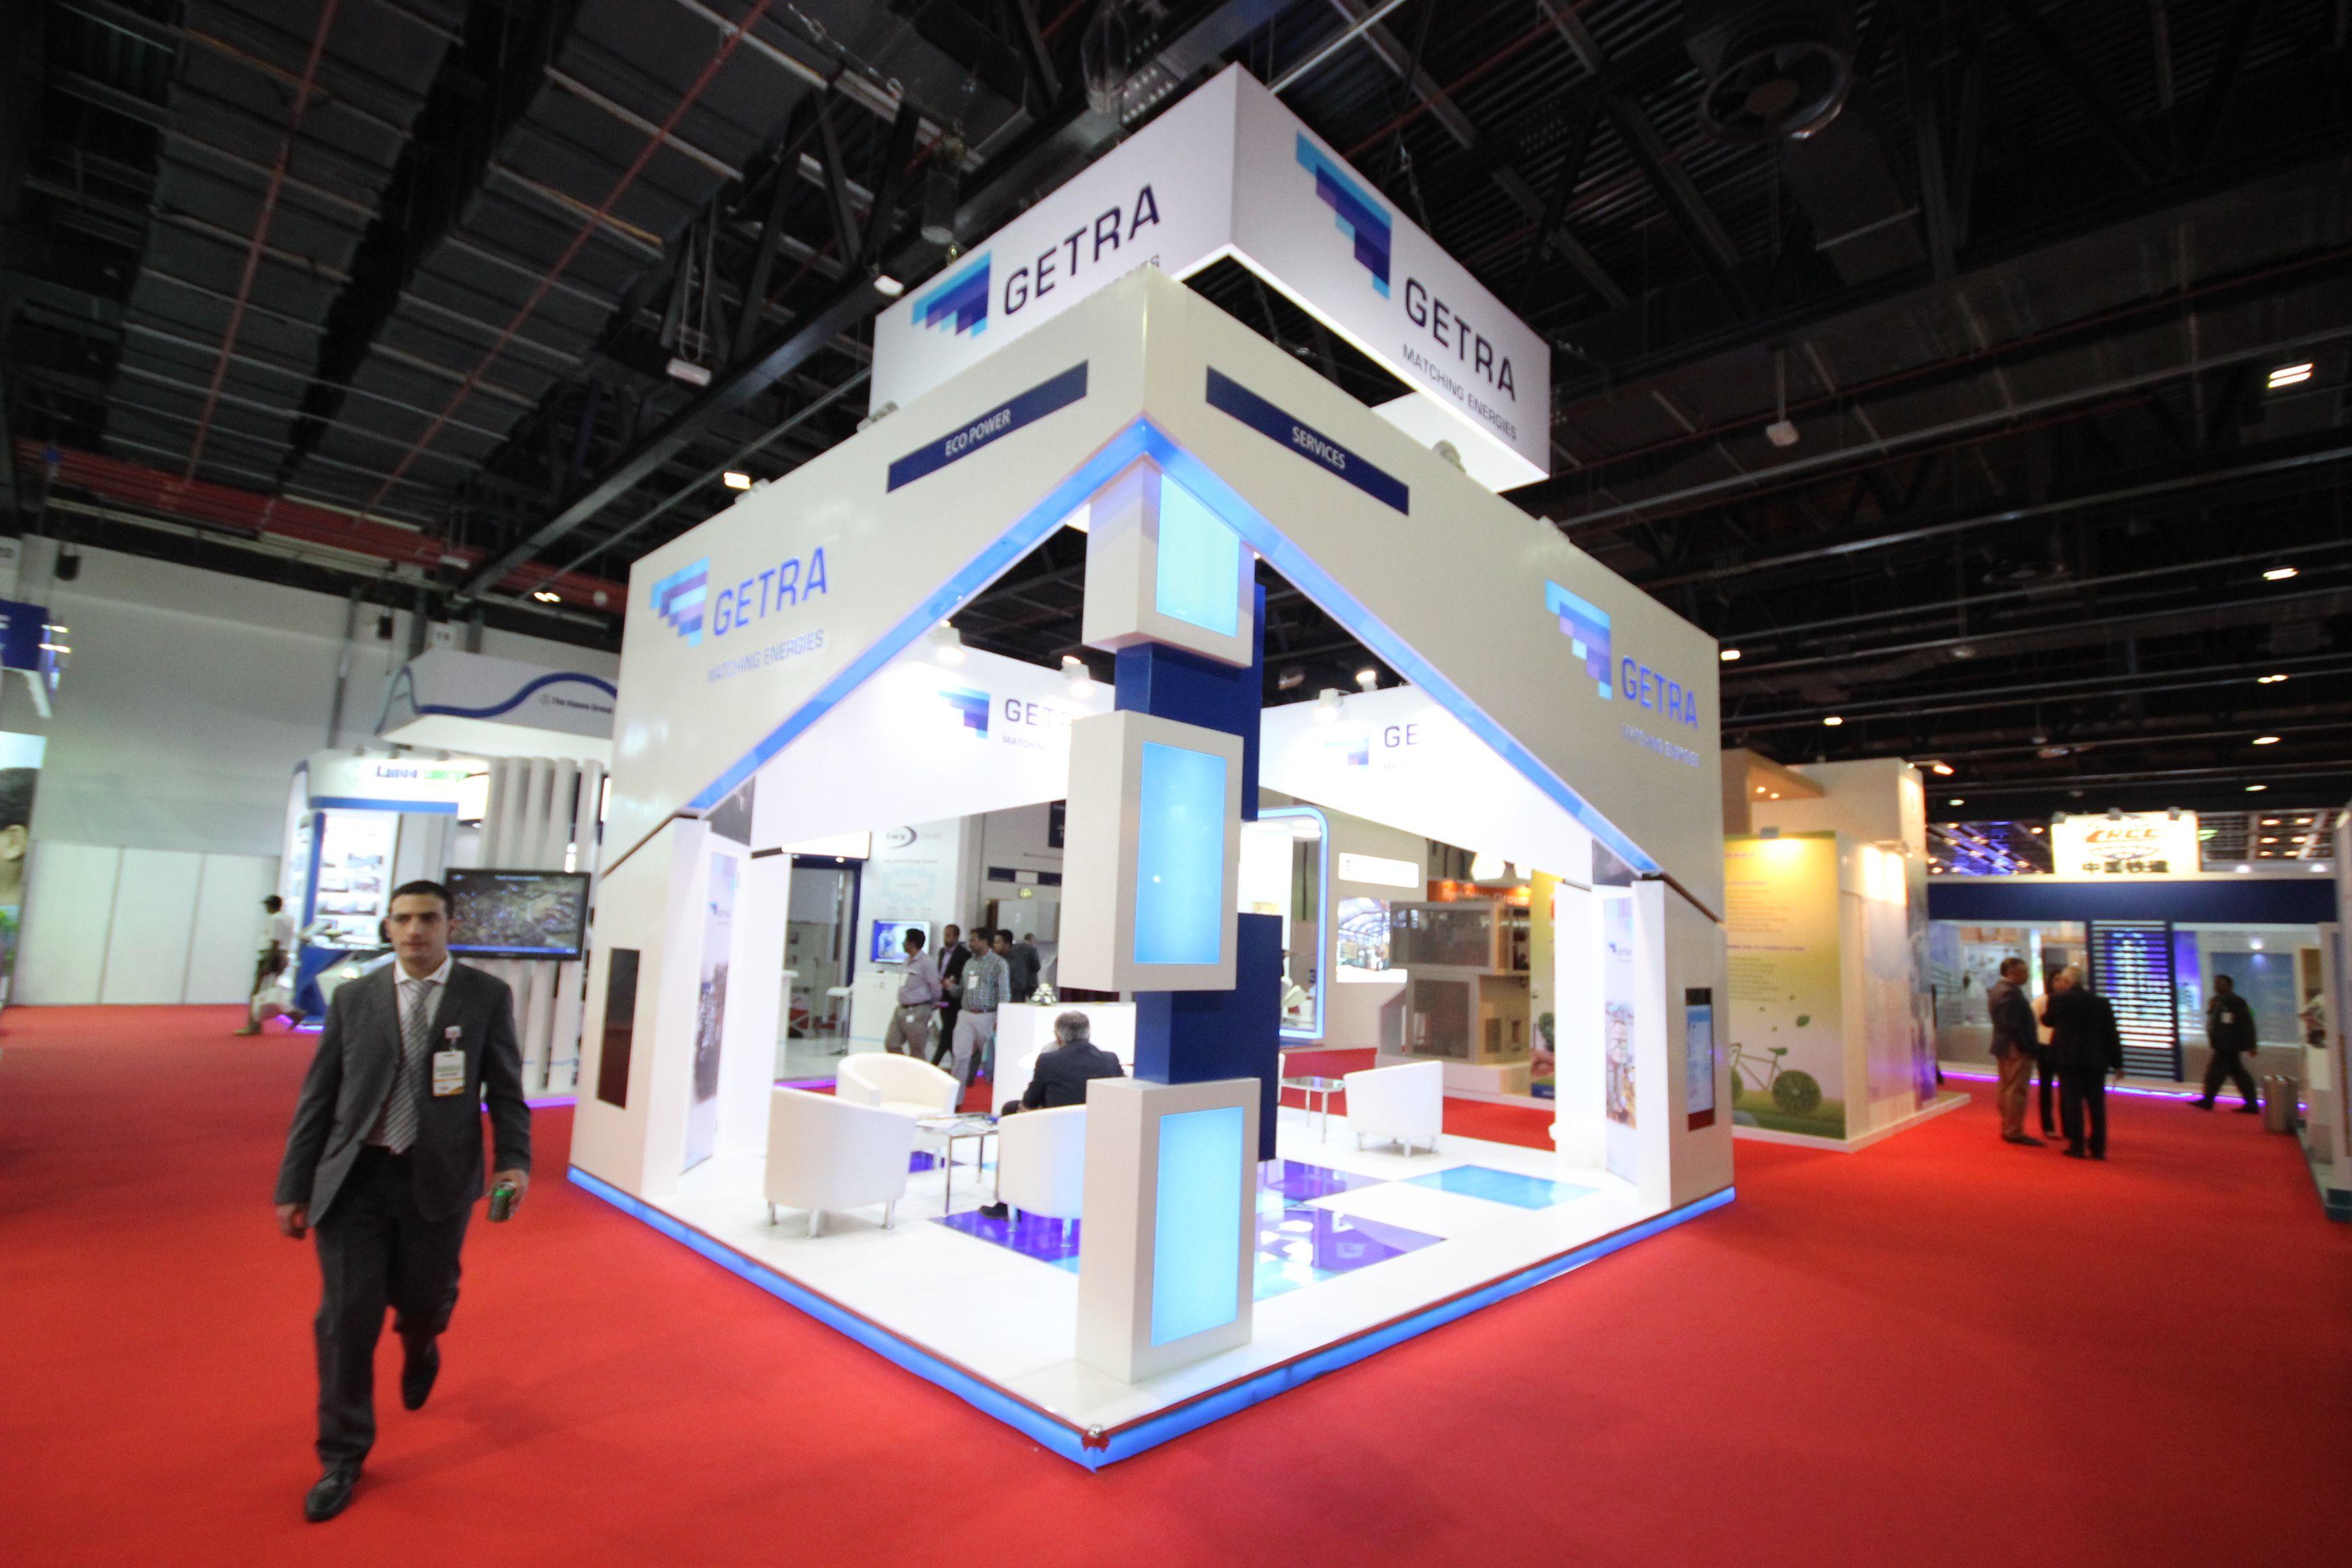 List Exhibition Stand Builders Dubai : Exhibition stand contractor in dubai exhibition stand design